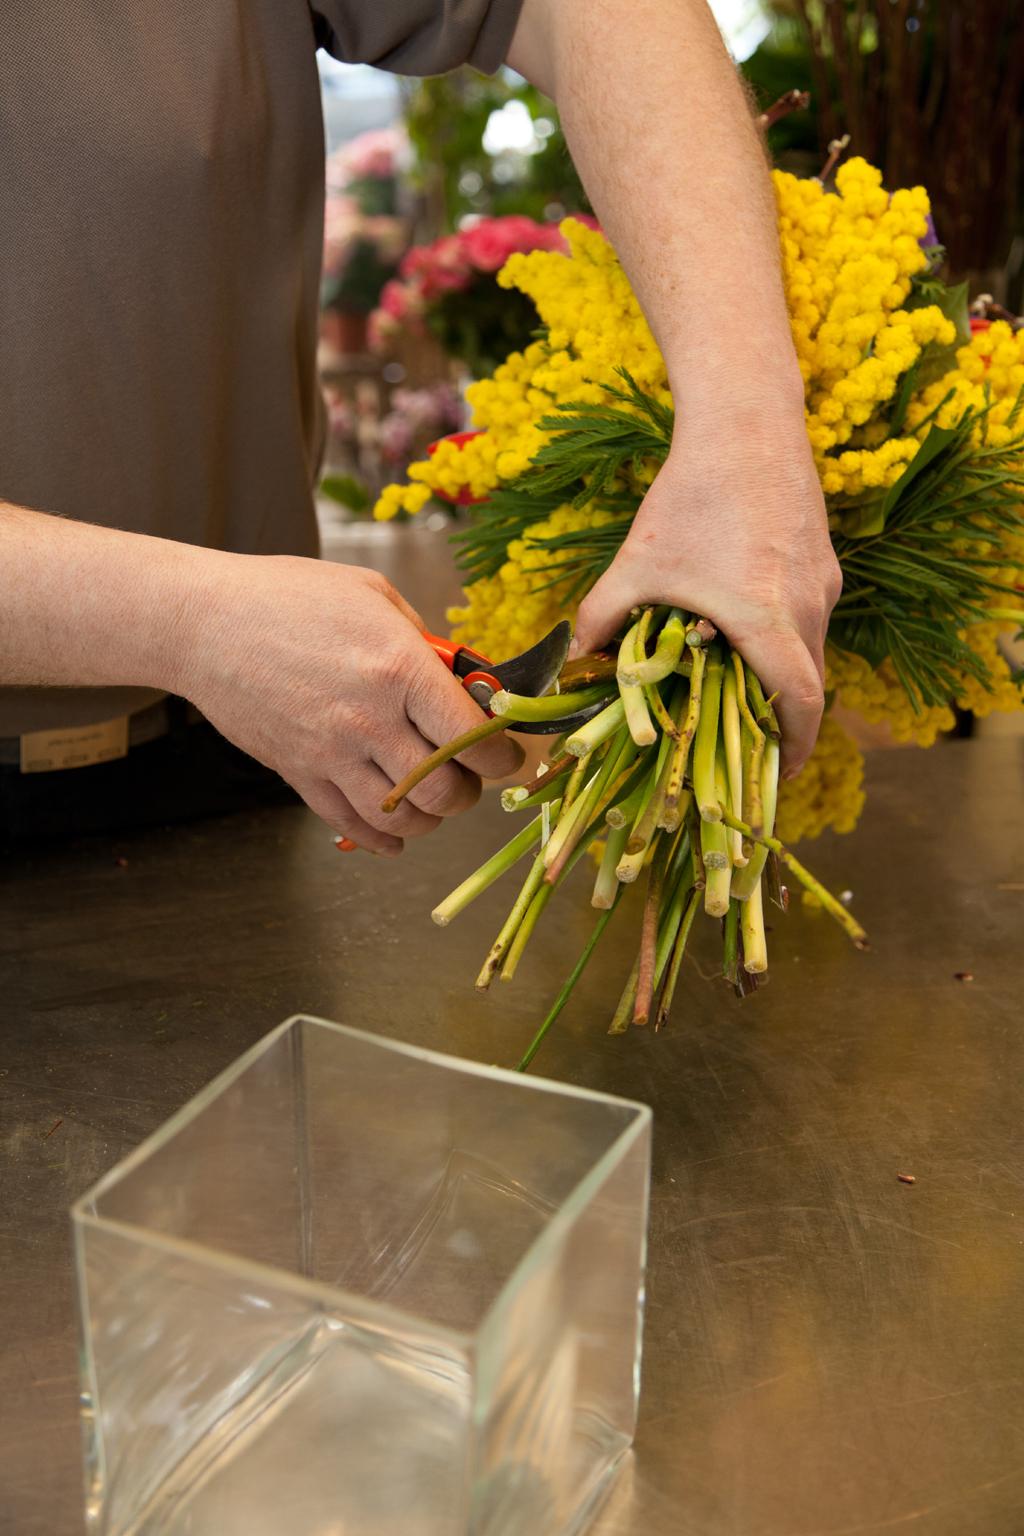 Composer un bouquet de fleurs d'hiver